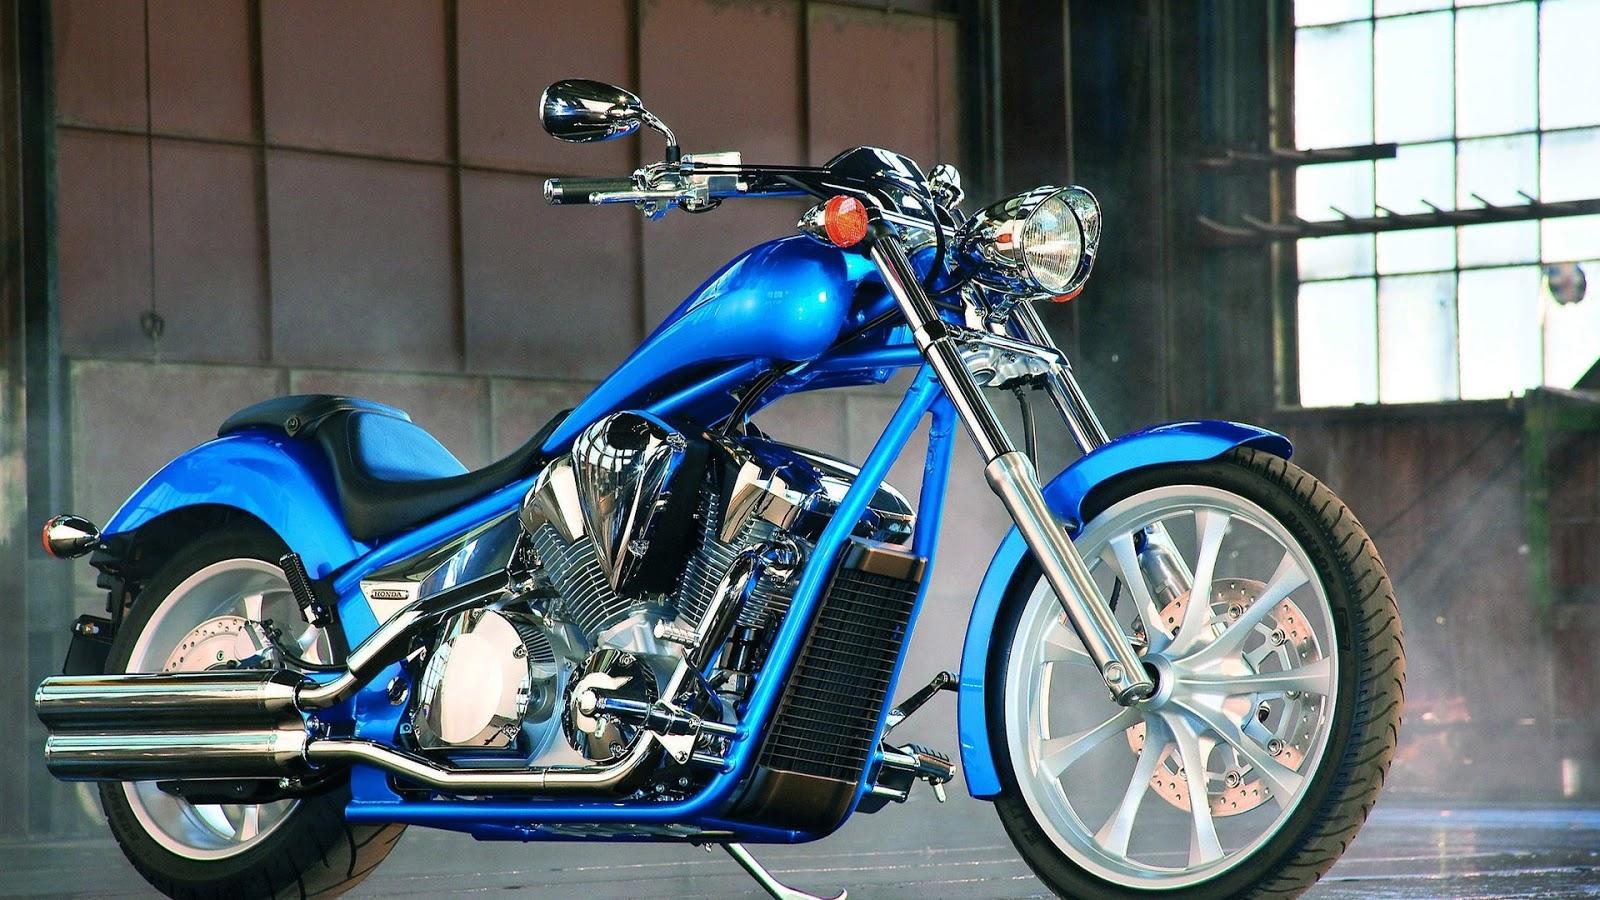 customizechopperbikewallpaper